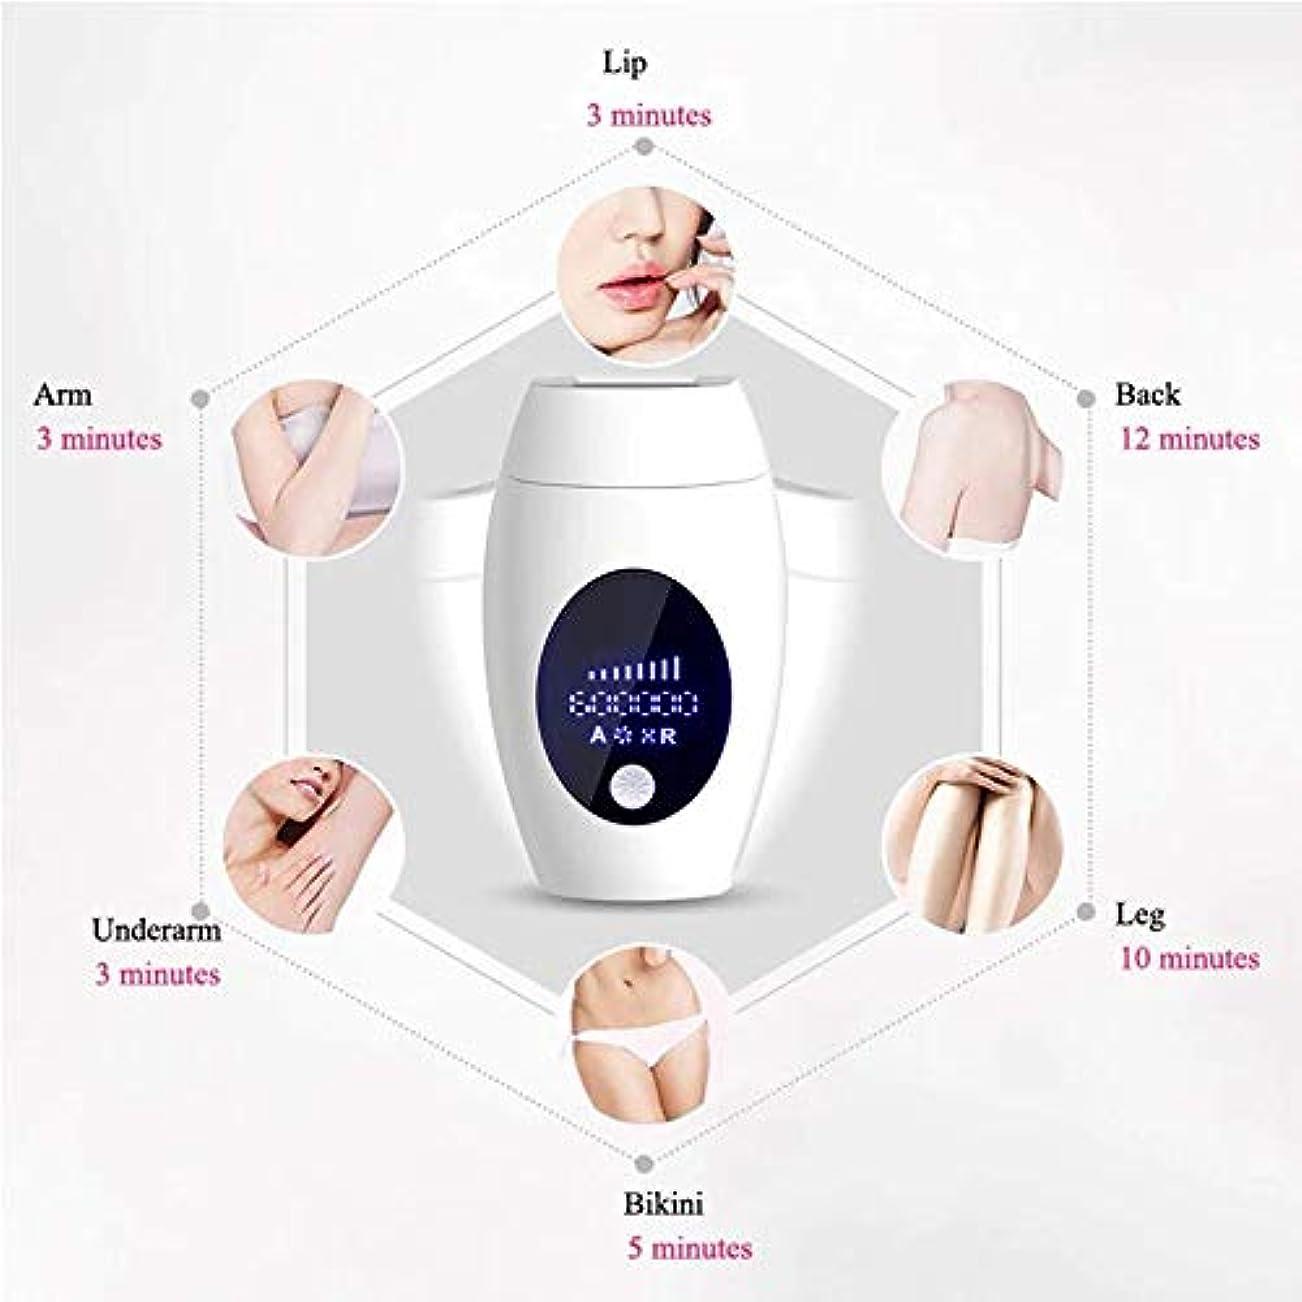 光一明るいレーザー脱毛デバイスは、永久無痛600,000点滅し、8つのエネルギーレベルに女性と男性のためのフェイシャル?プロフェッショナルレーザー脱毛システムをアップグレード